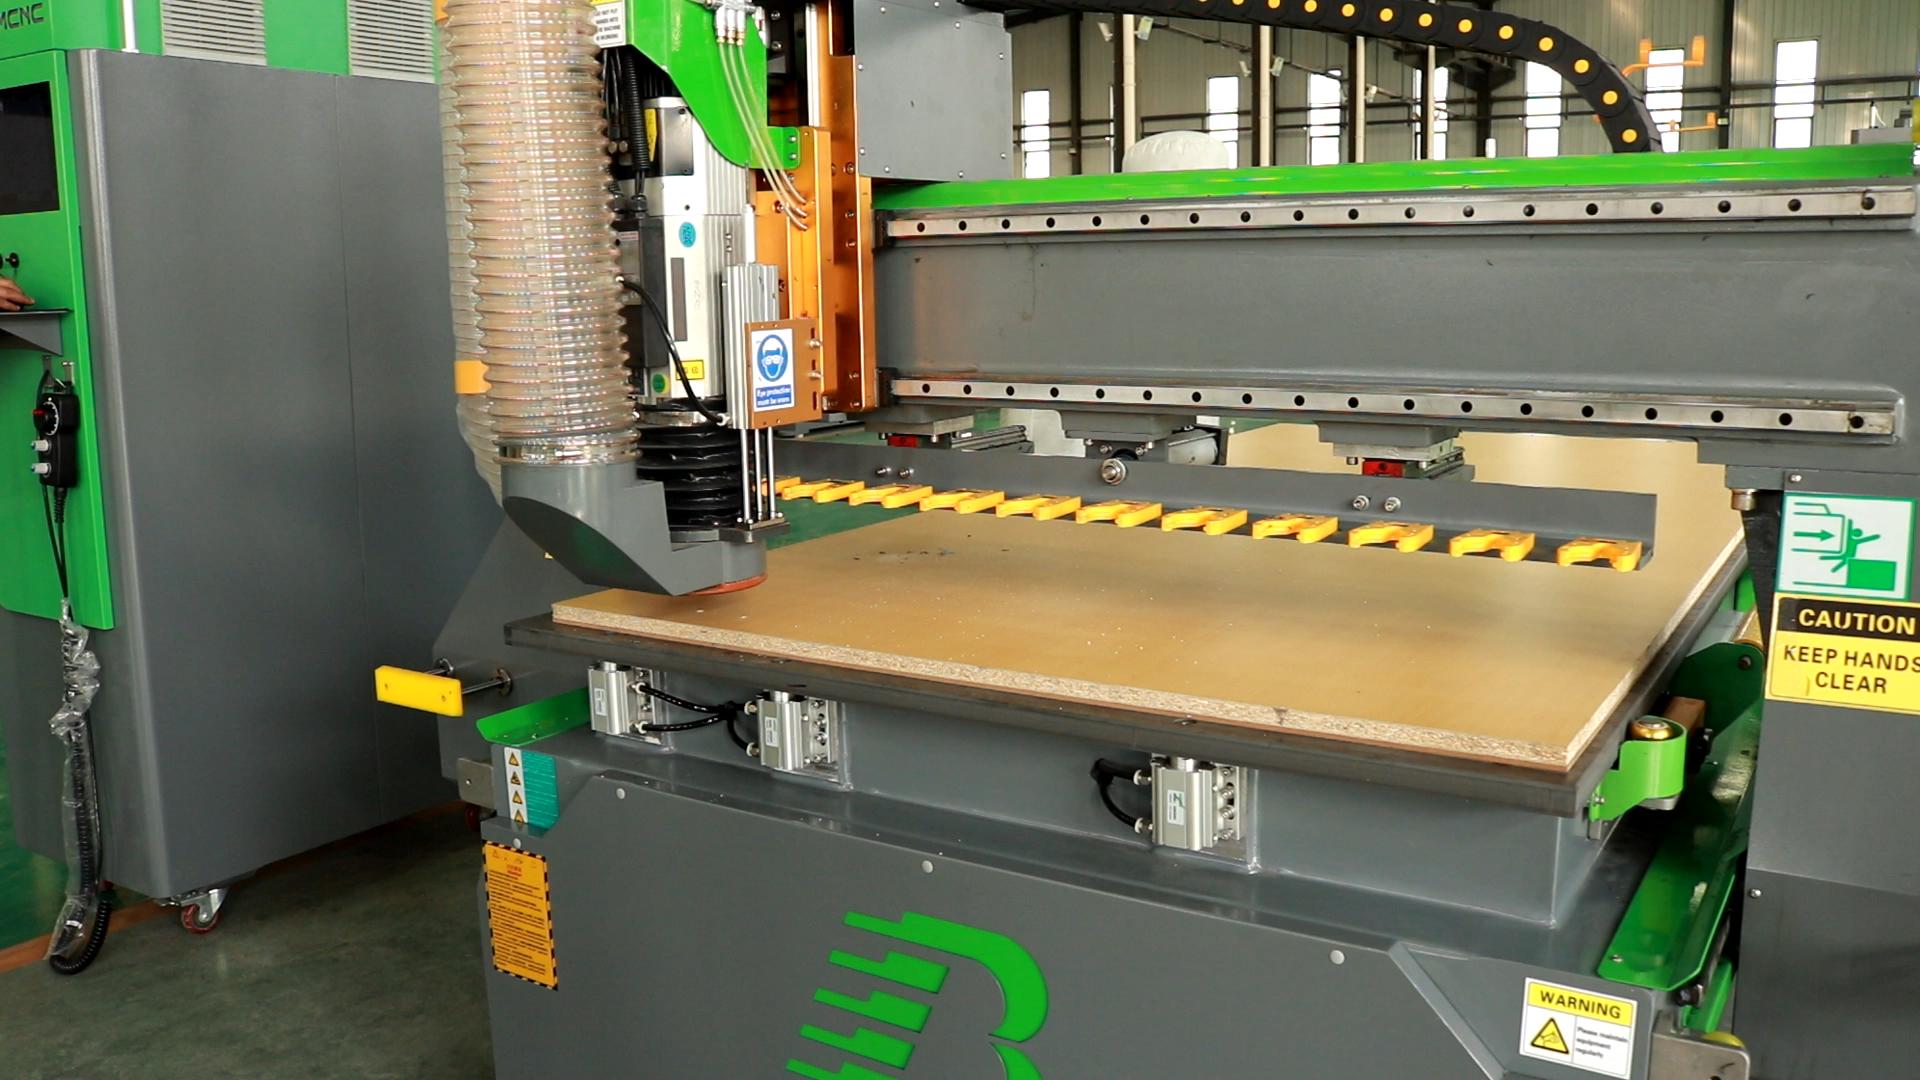 באופן מלא אוטומטי דלת מטבח ארון cnc נתב מכונות נגרות מכונות עם טעינה ופריקה עץ נתב